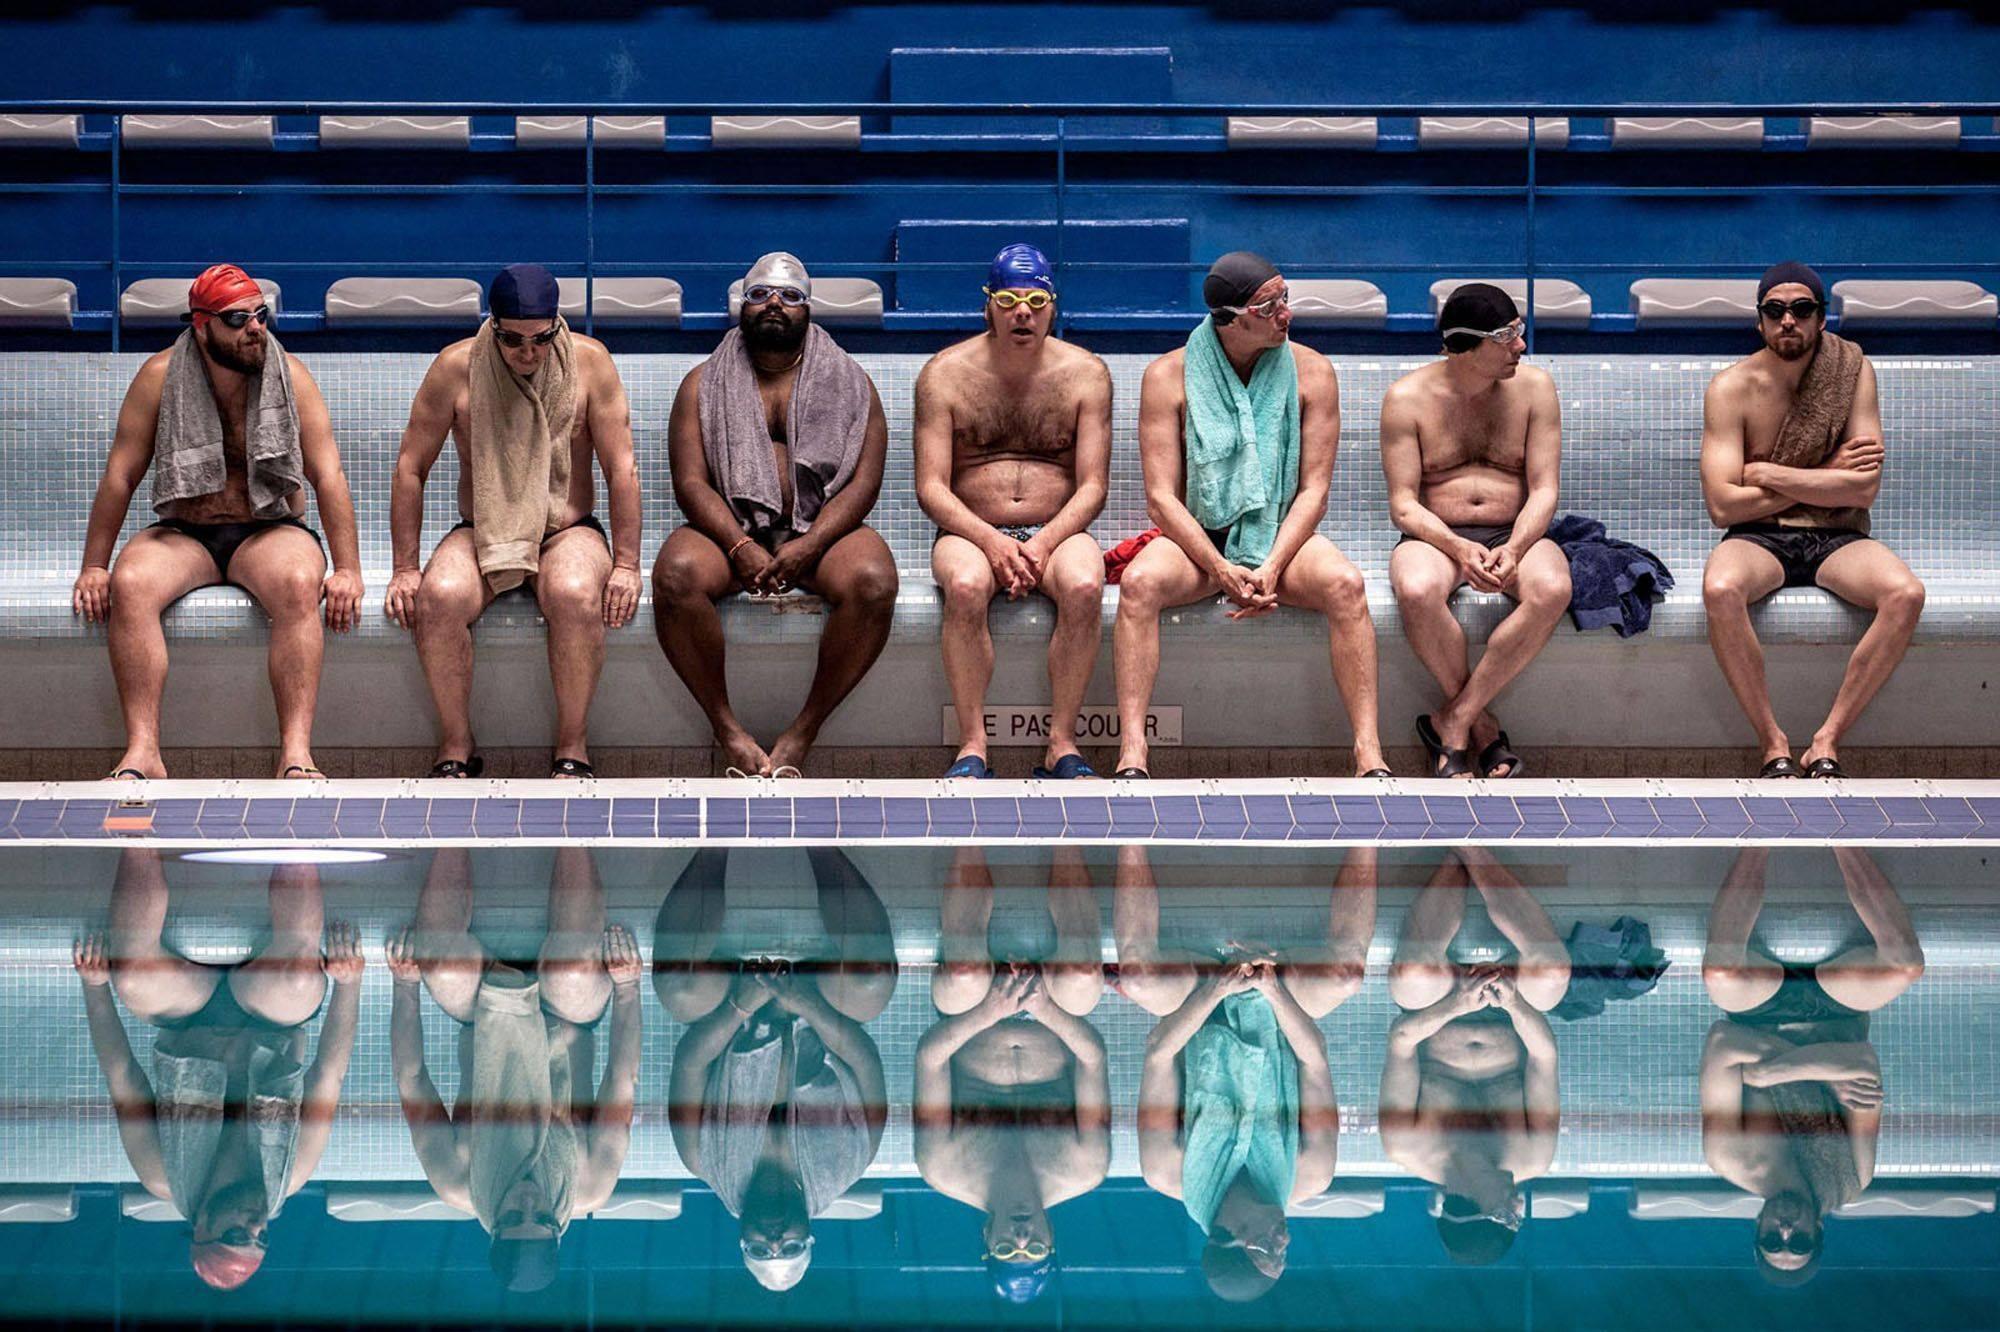 Le grand bain gilles lellouche piscine assis